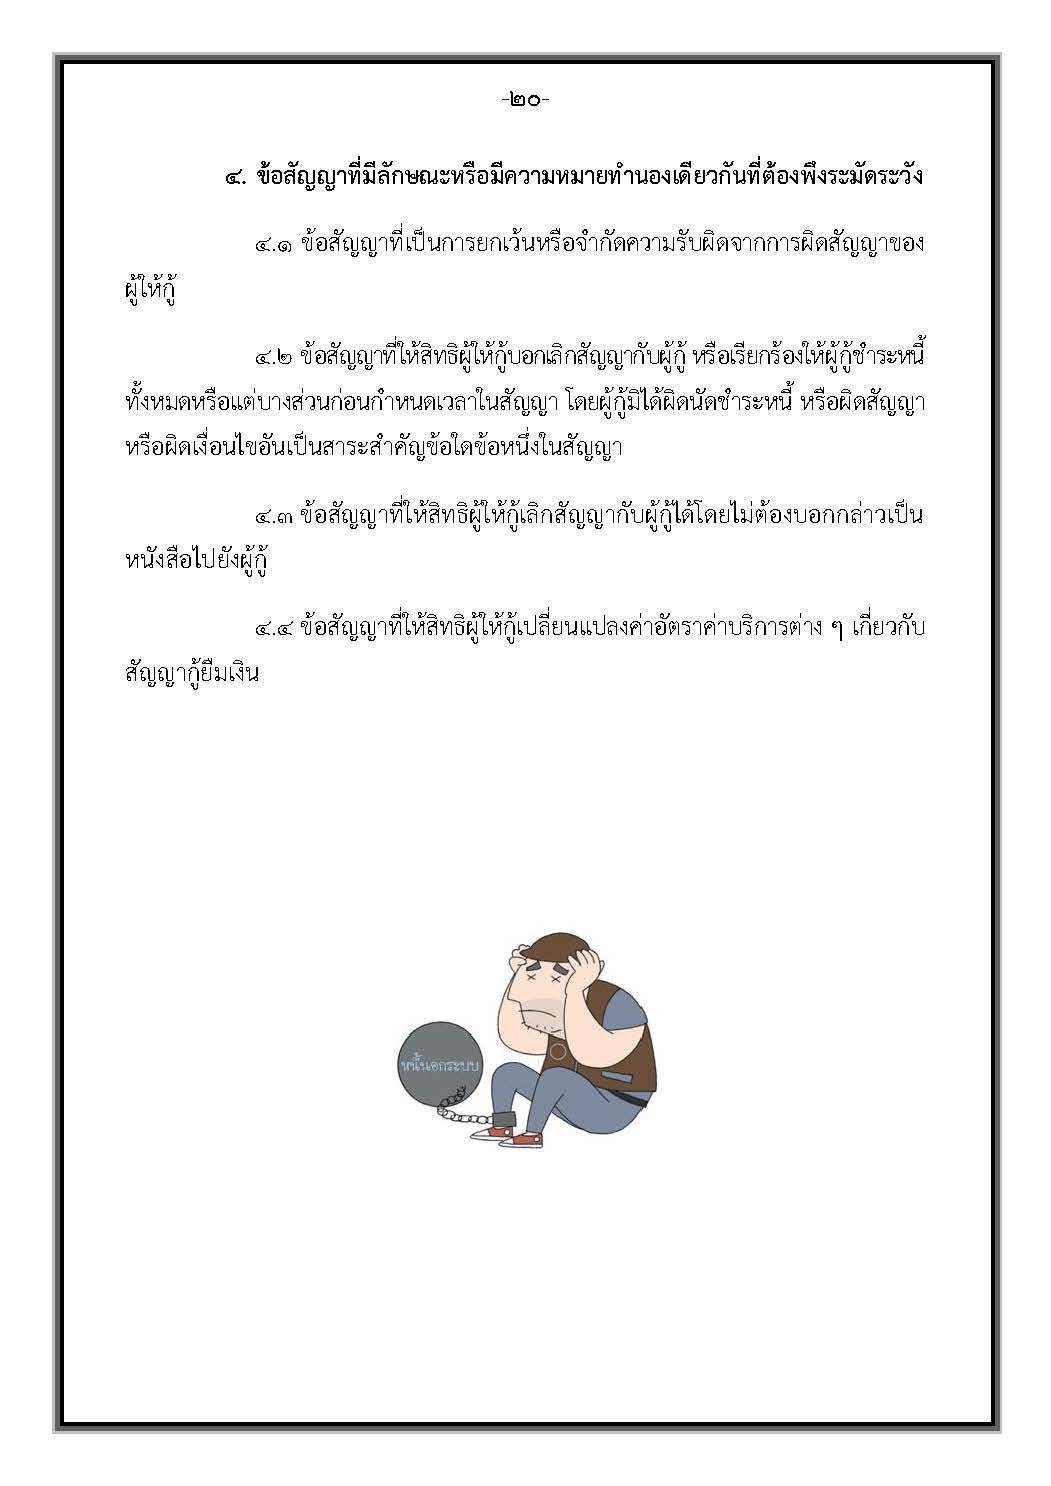 คำแนะนำ-สัญญากู้ยืมเงิน_Page_24